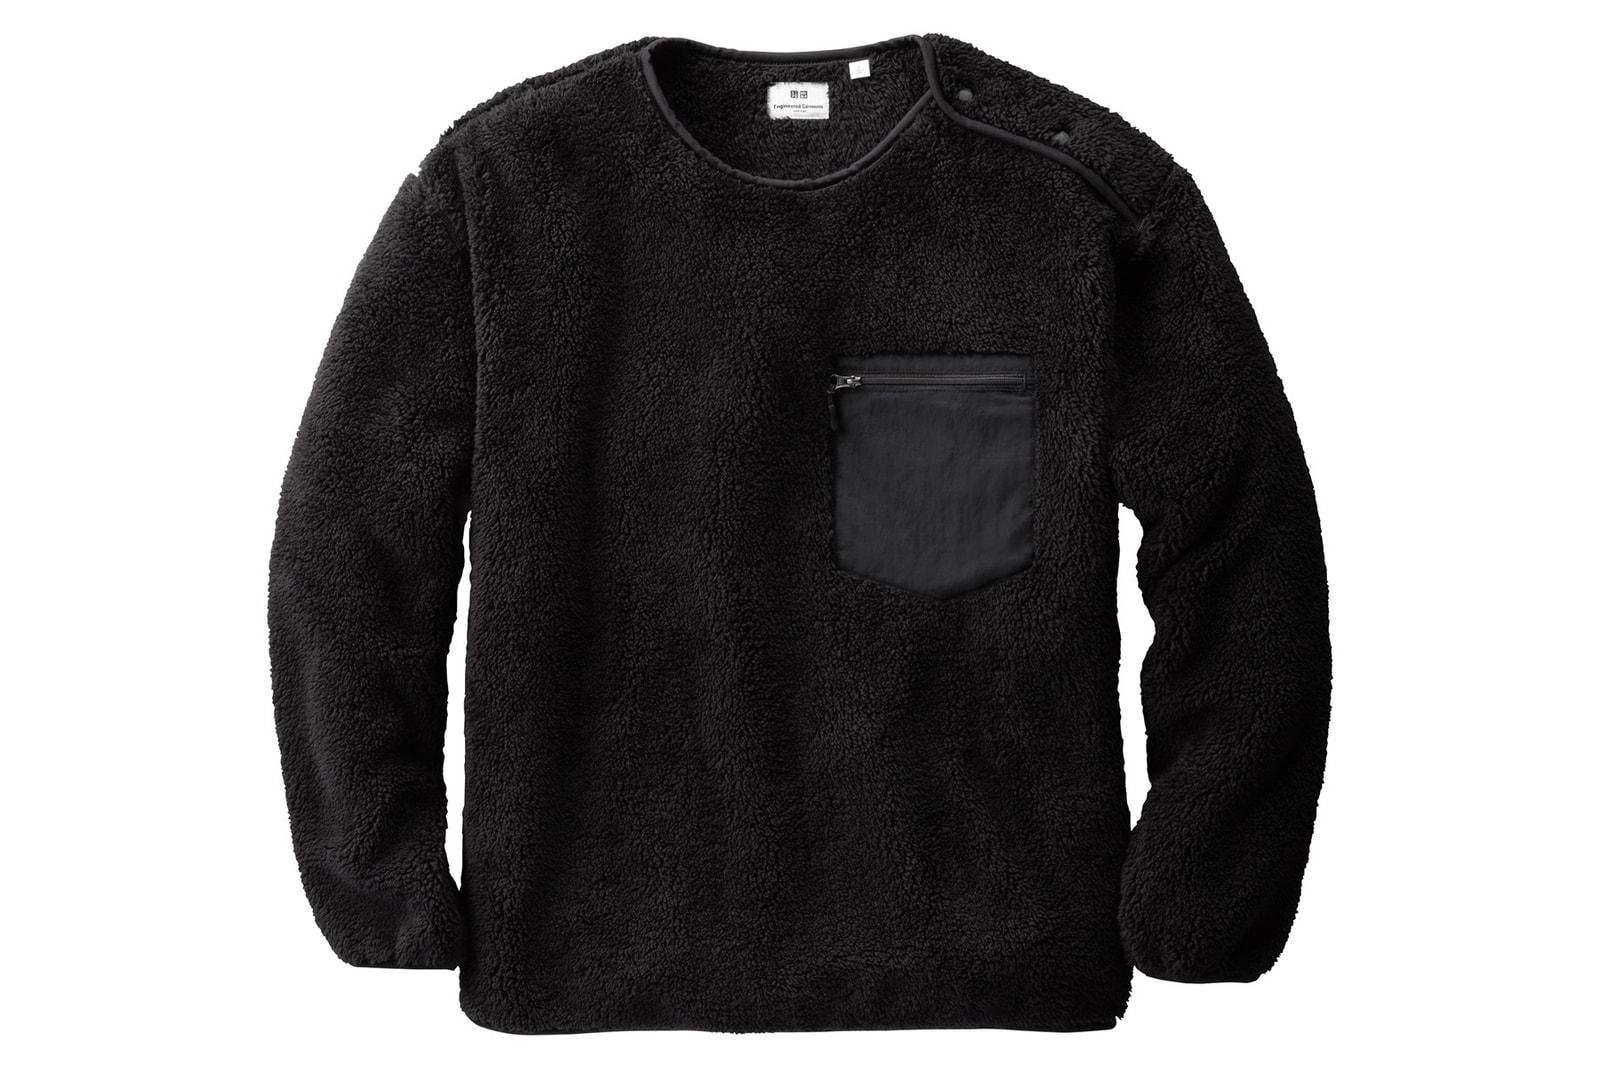 UNIQLO and Engineered Garments 聯乘系列第二彈香港區發售情報